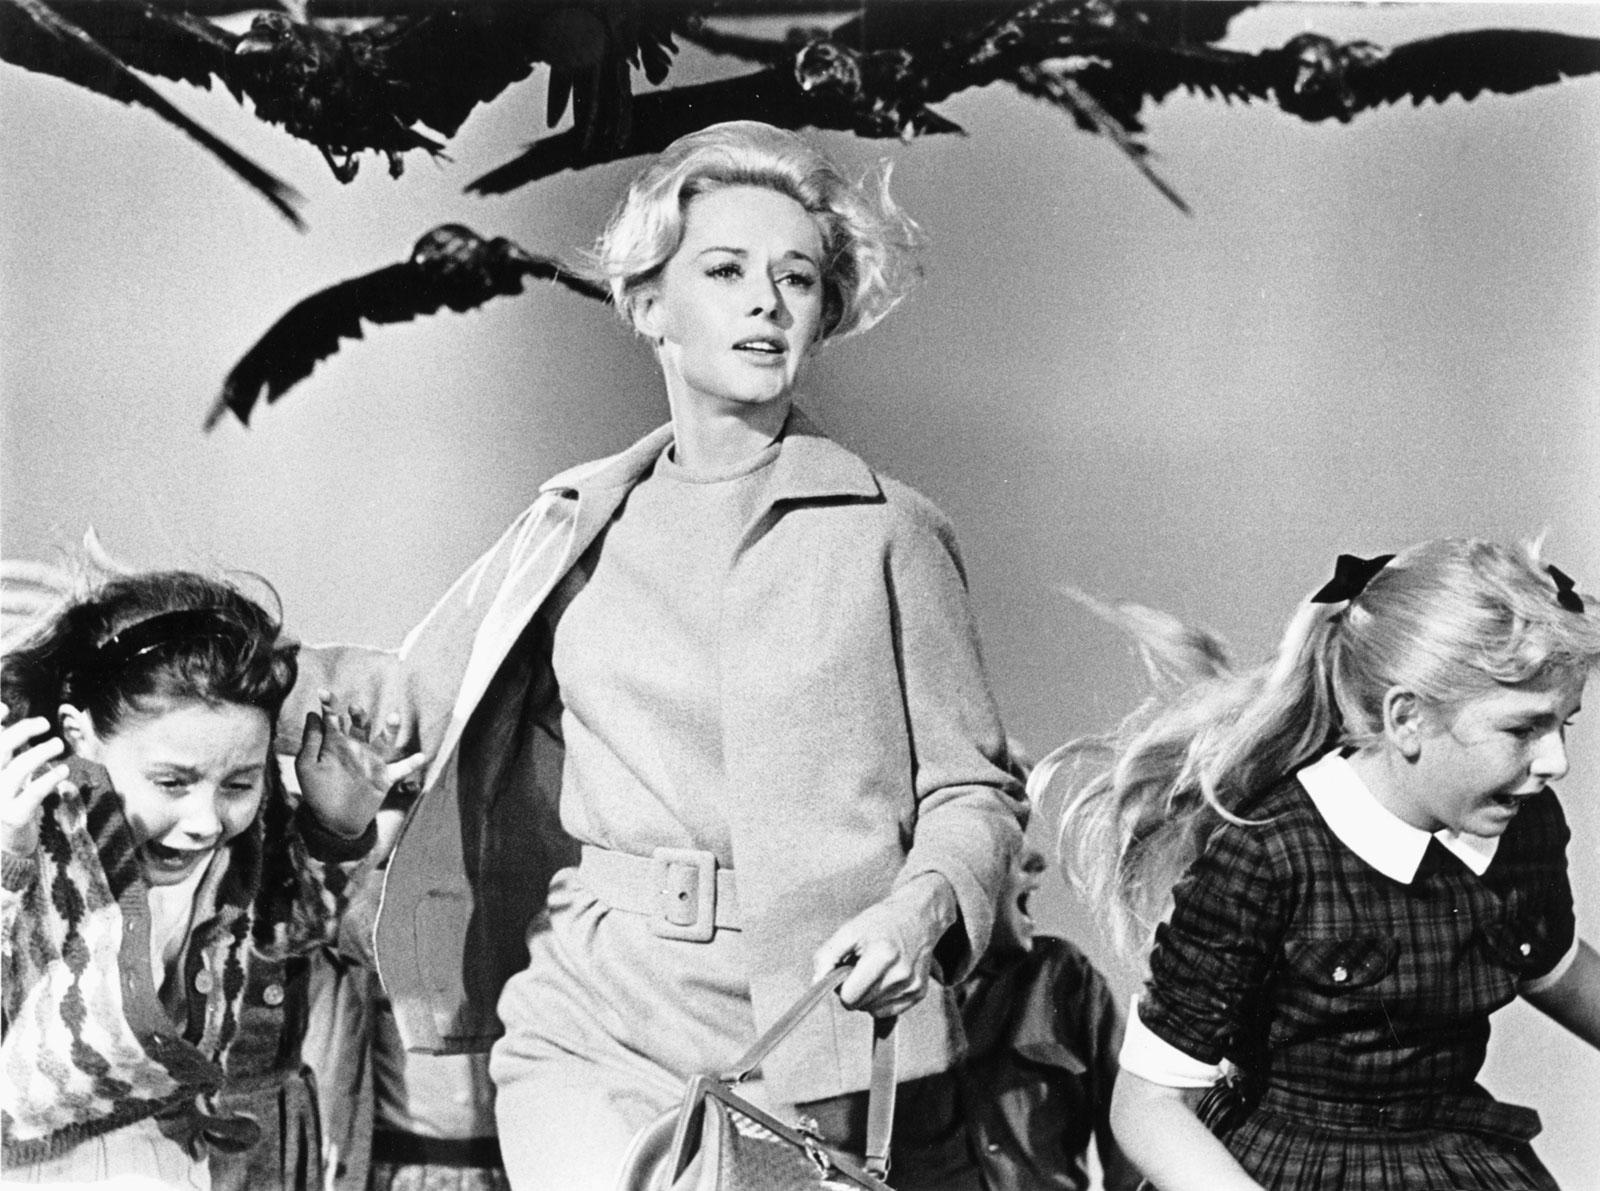 Kuşlar / The Birds (1963)